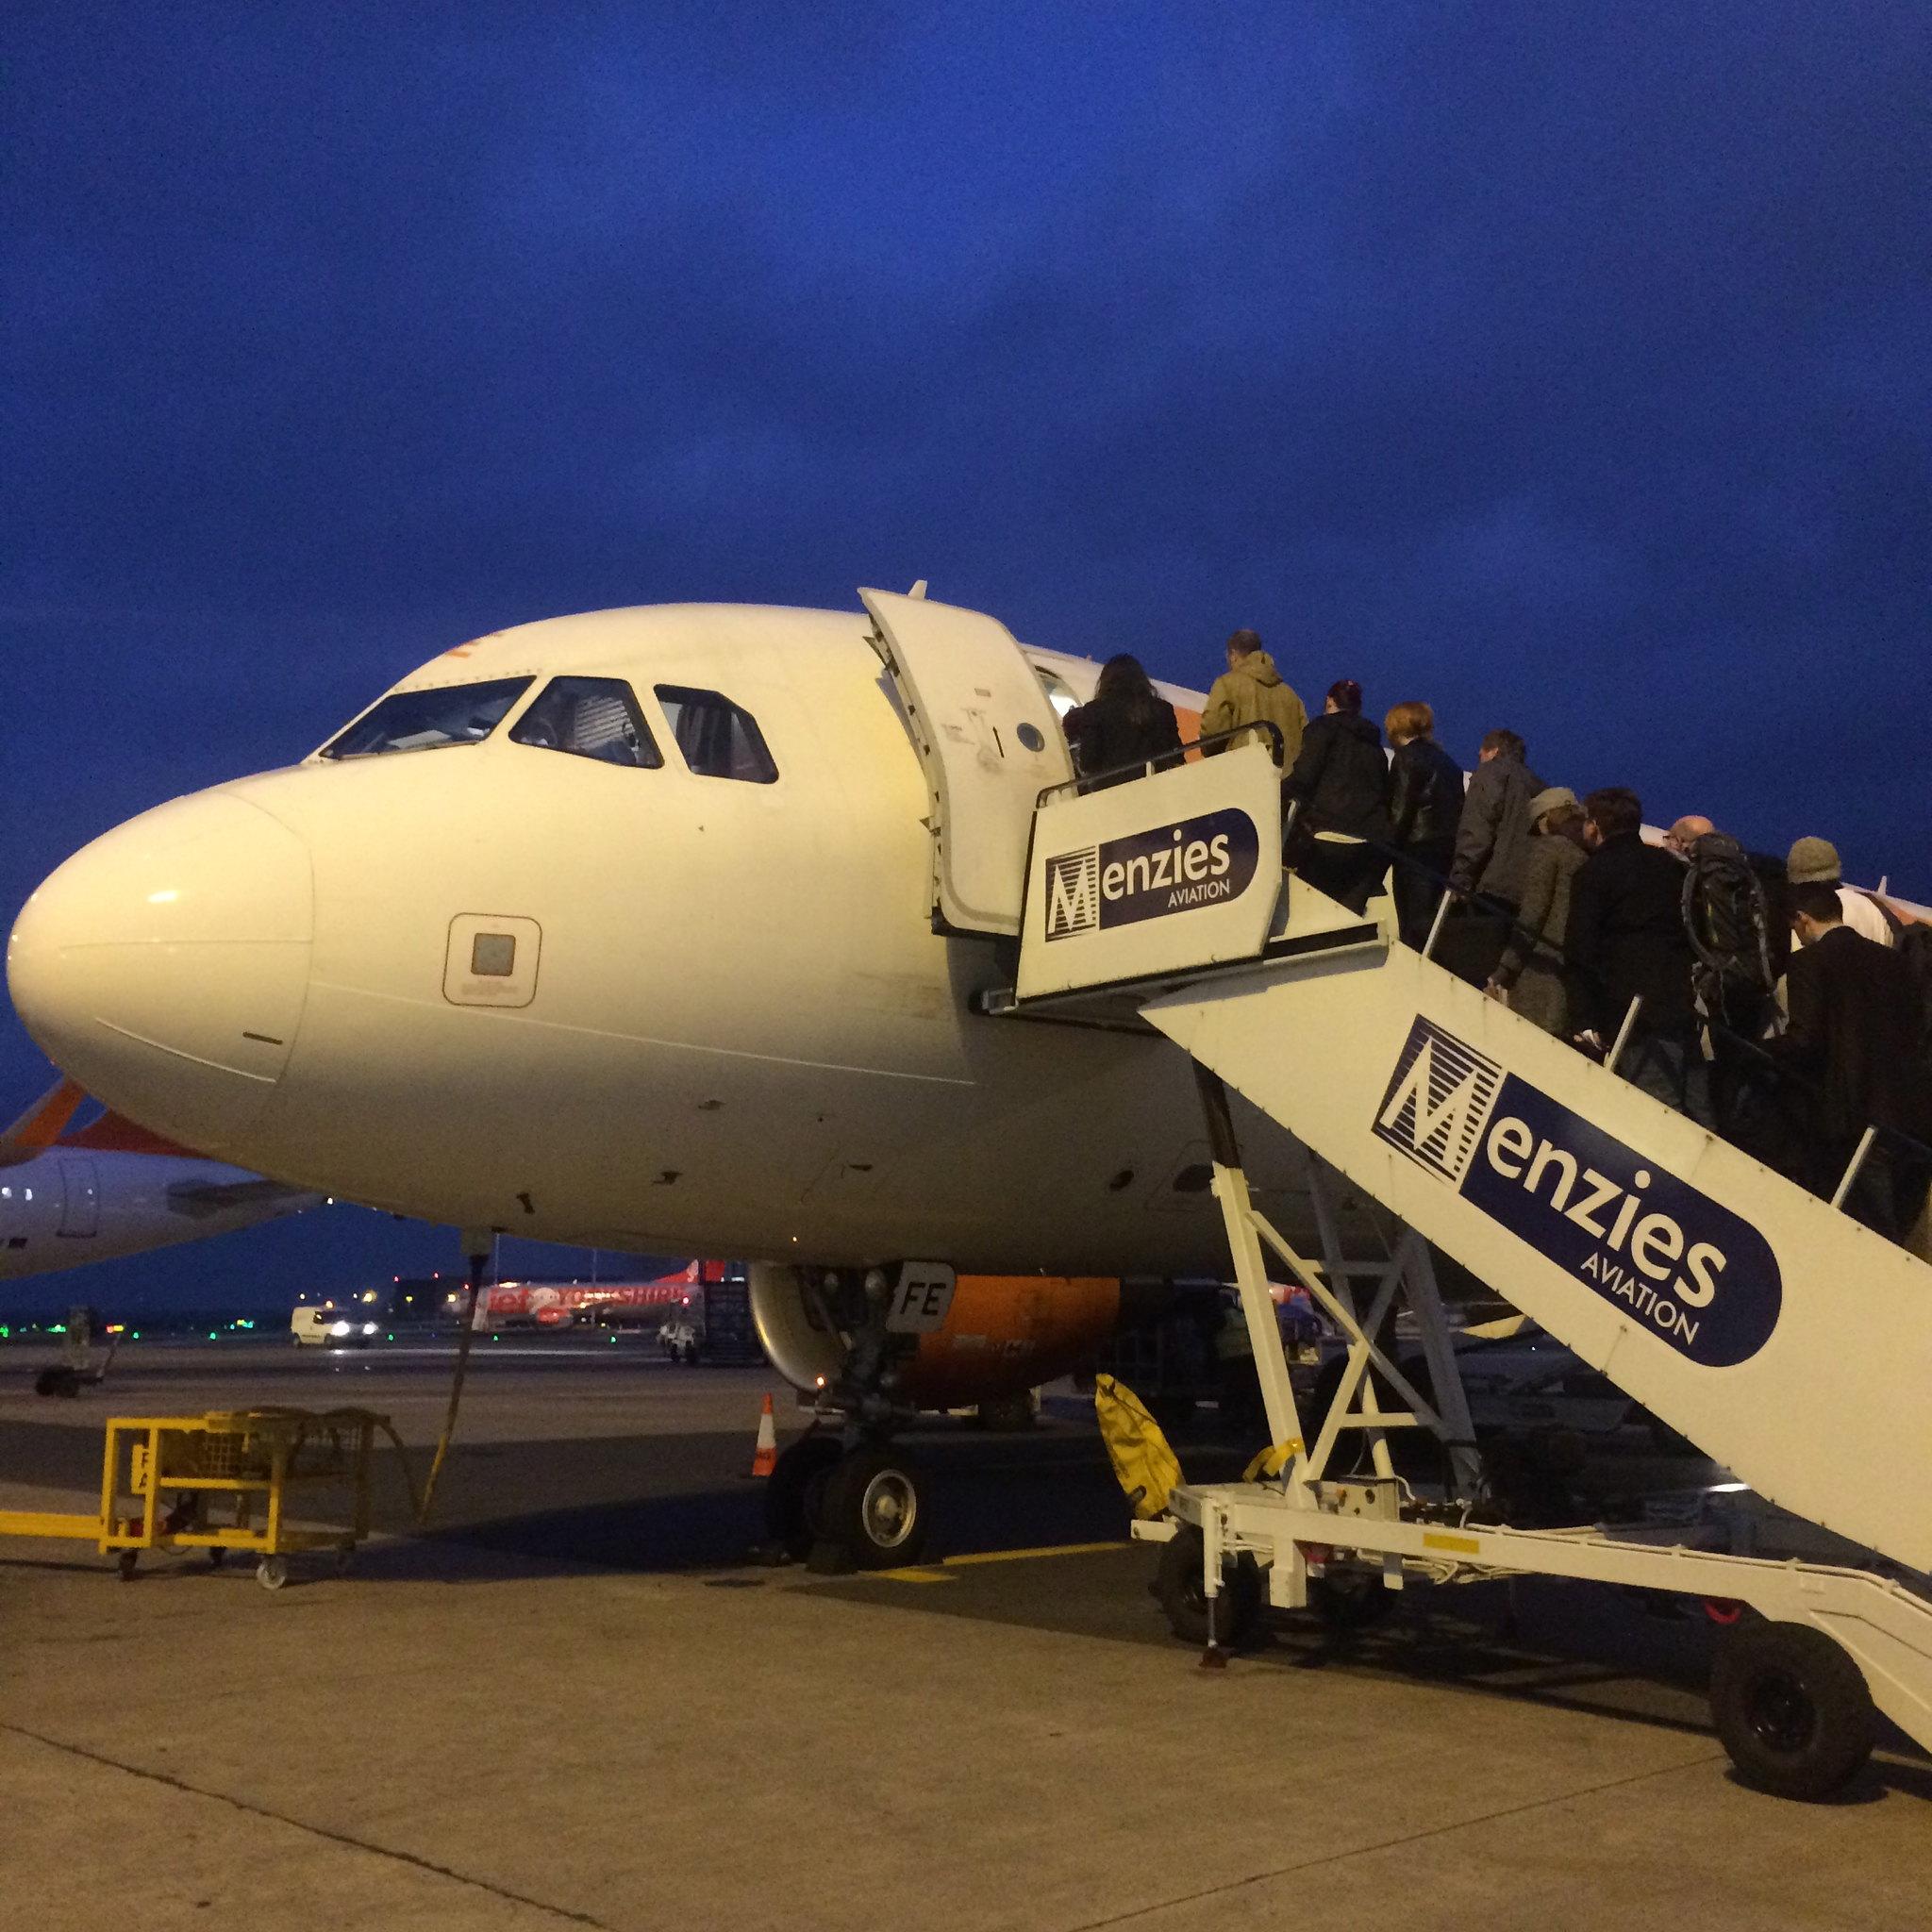 Easy Jet Boarding